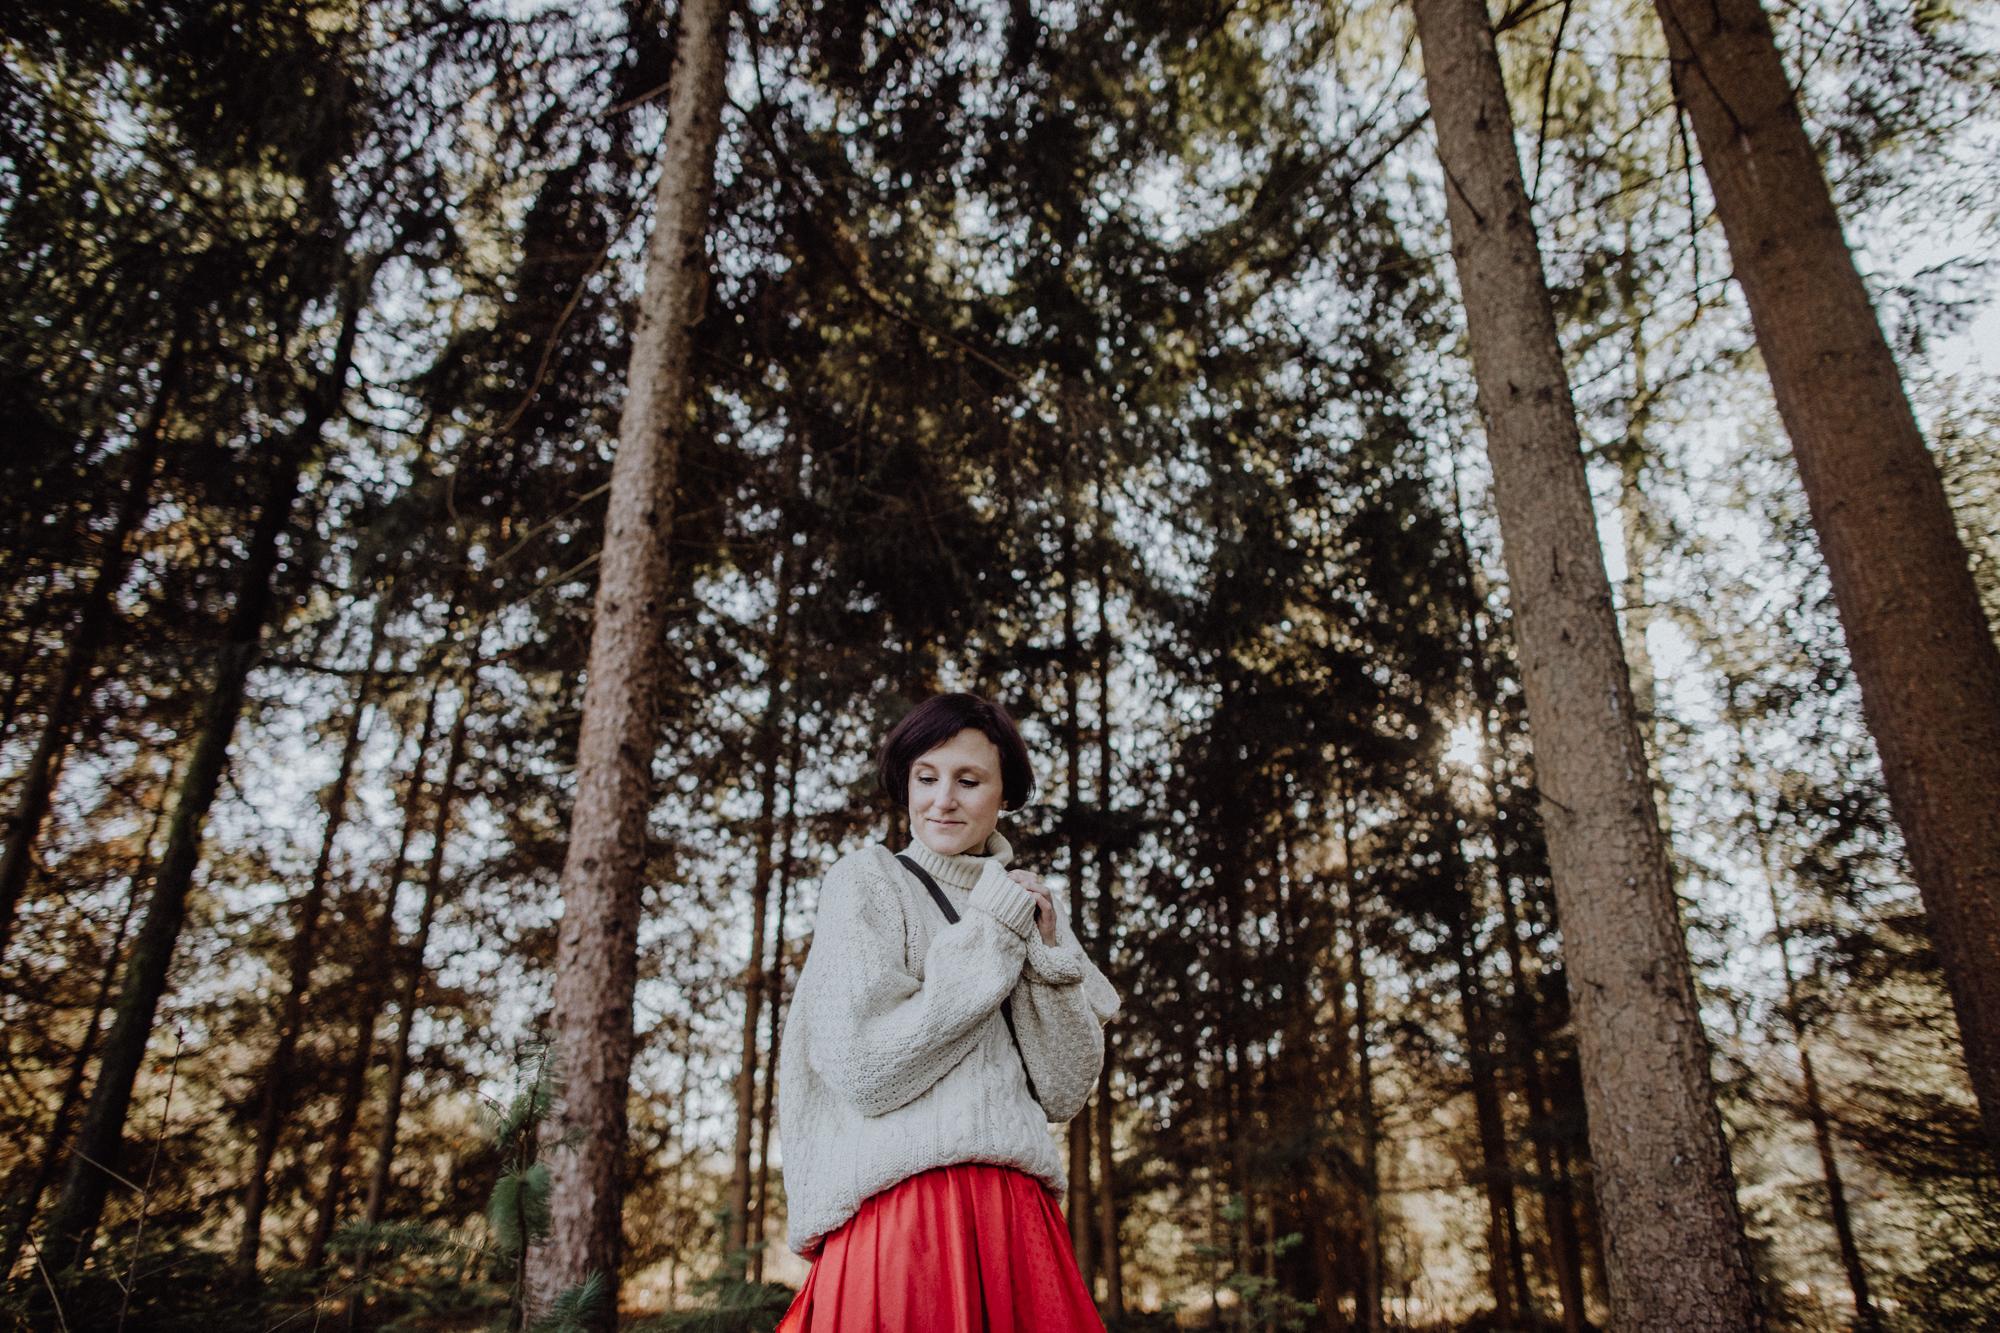 mira-roedluvan-nachhaltig-bloggerin-blog-12